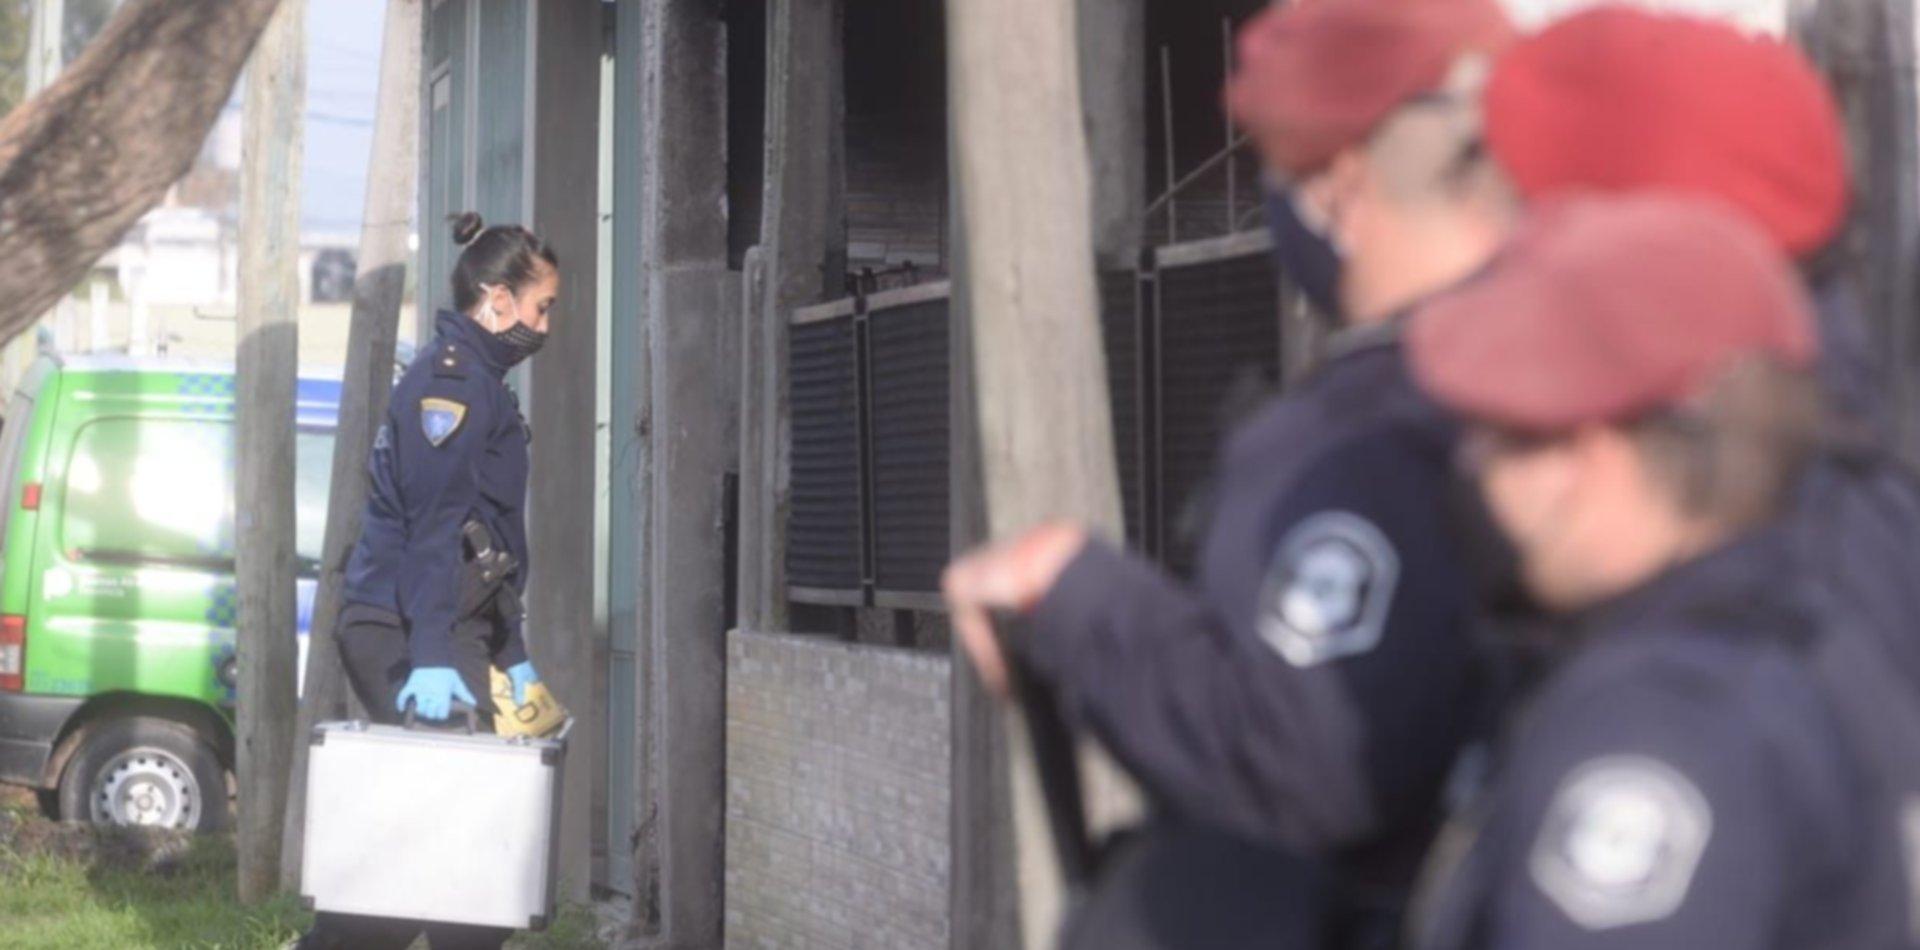 Hubo once homicidios en La Plata desde que empezó el aislamiento